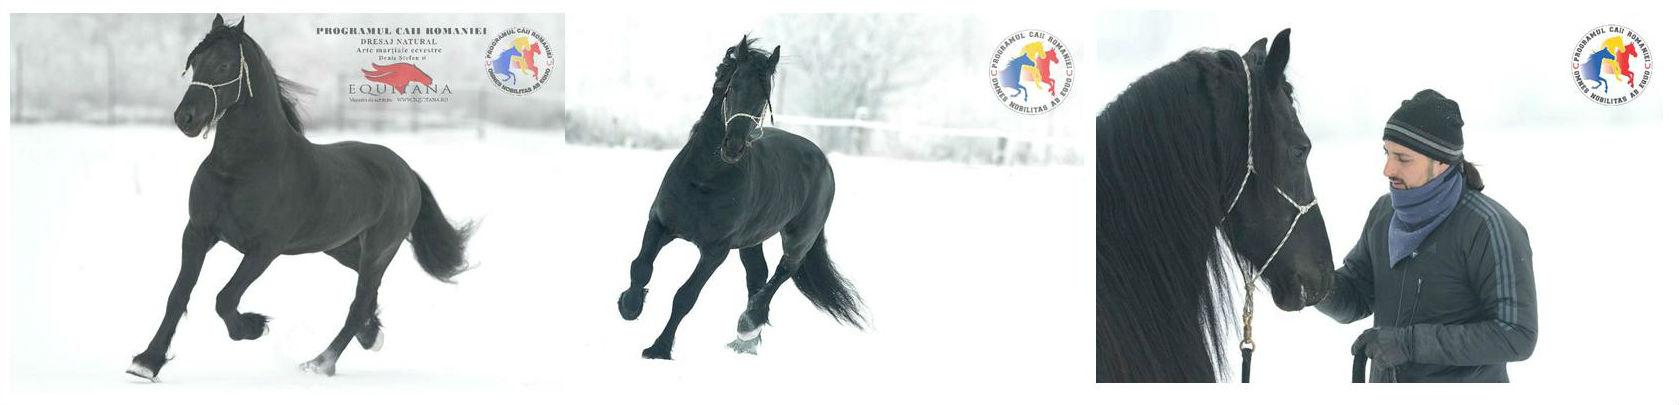 Cai în antrenament, Programul Caii României: Redeburajul unui cal matur